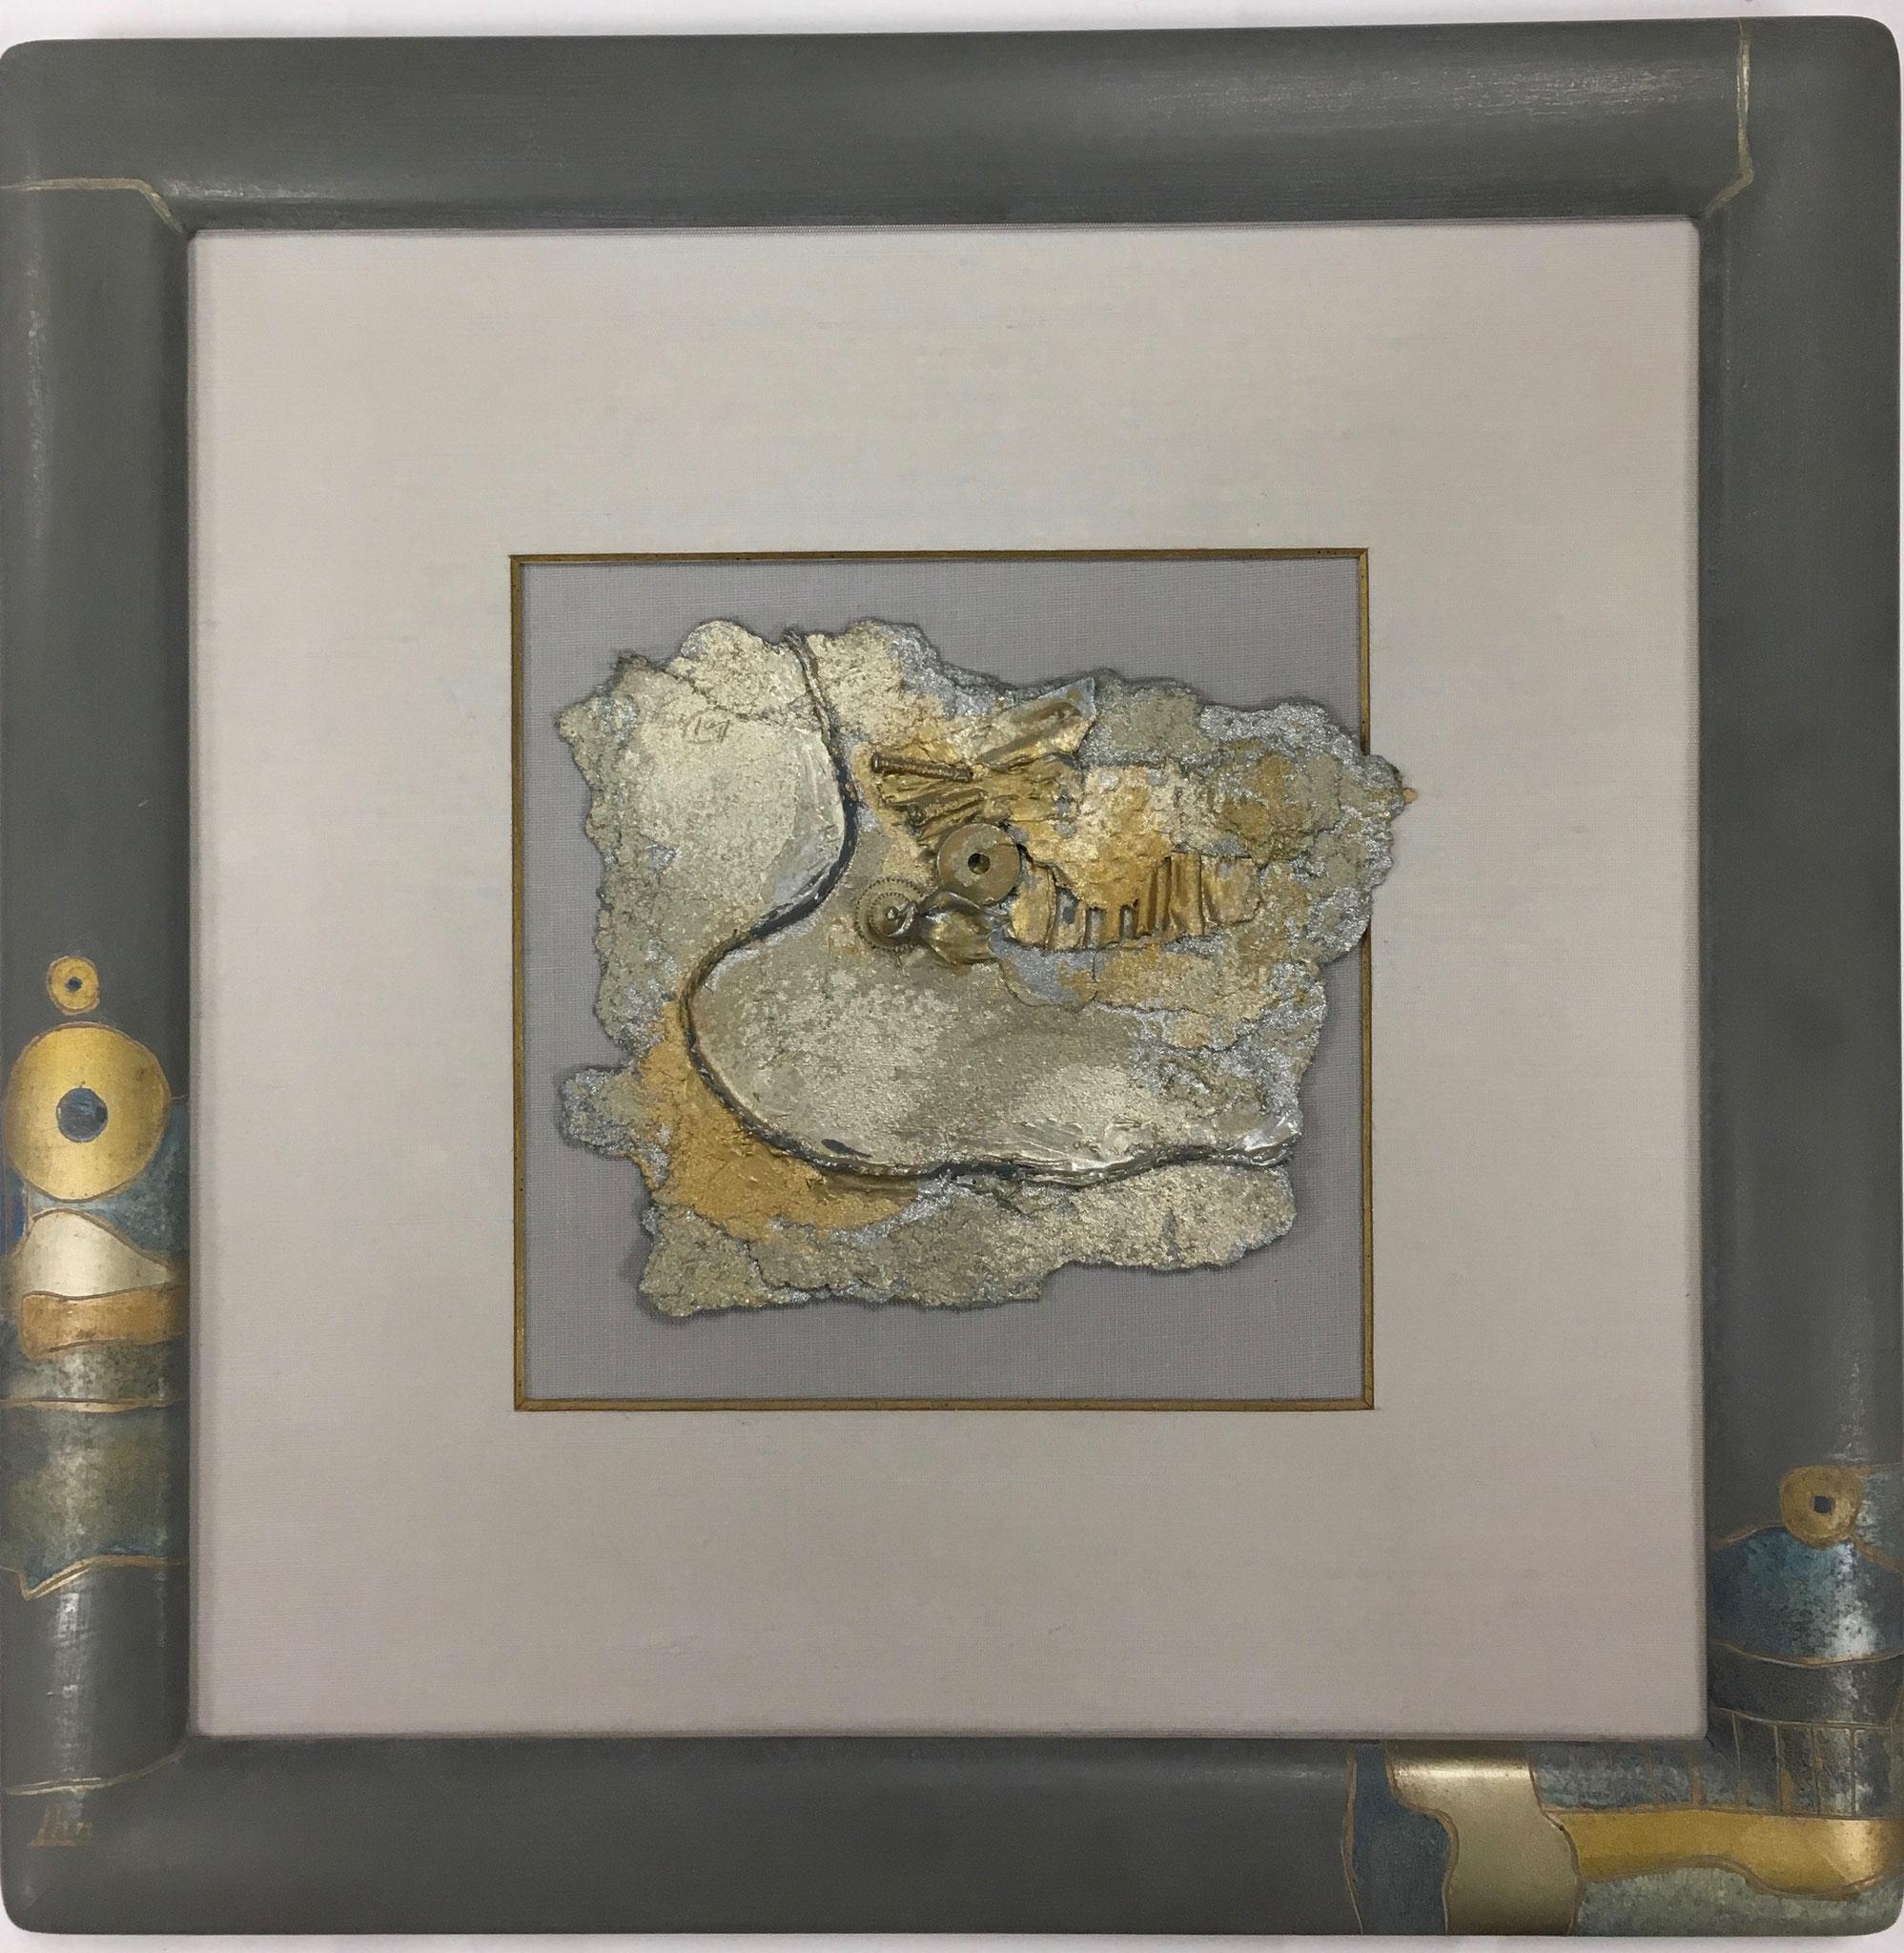 """Neuberger """"Collage mit Zahnrad"""" Außengröße: 35,0 x 35,0cm Sonderpreis: € 249,-"""